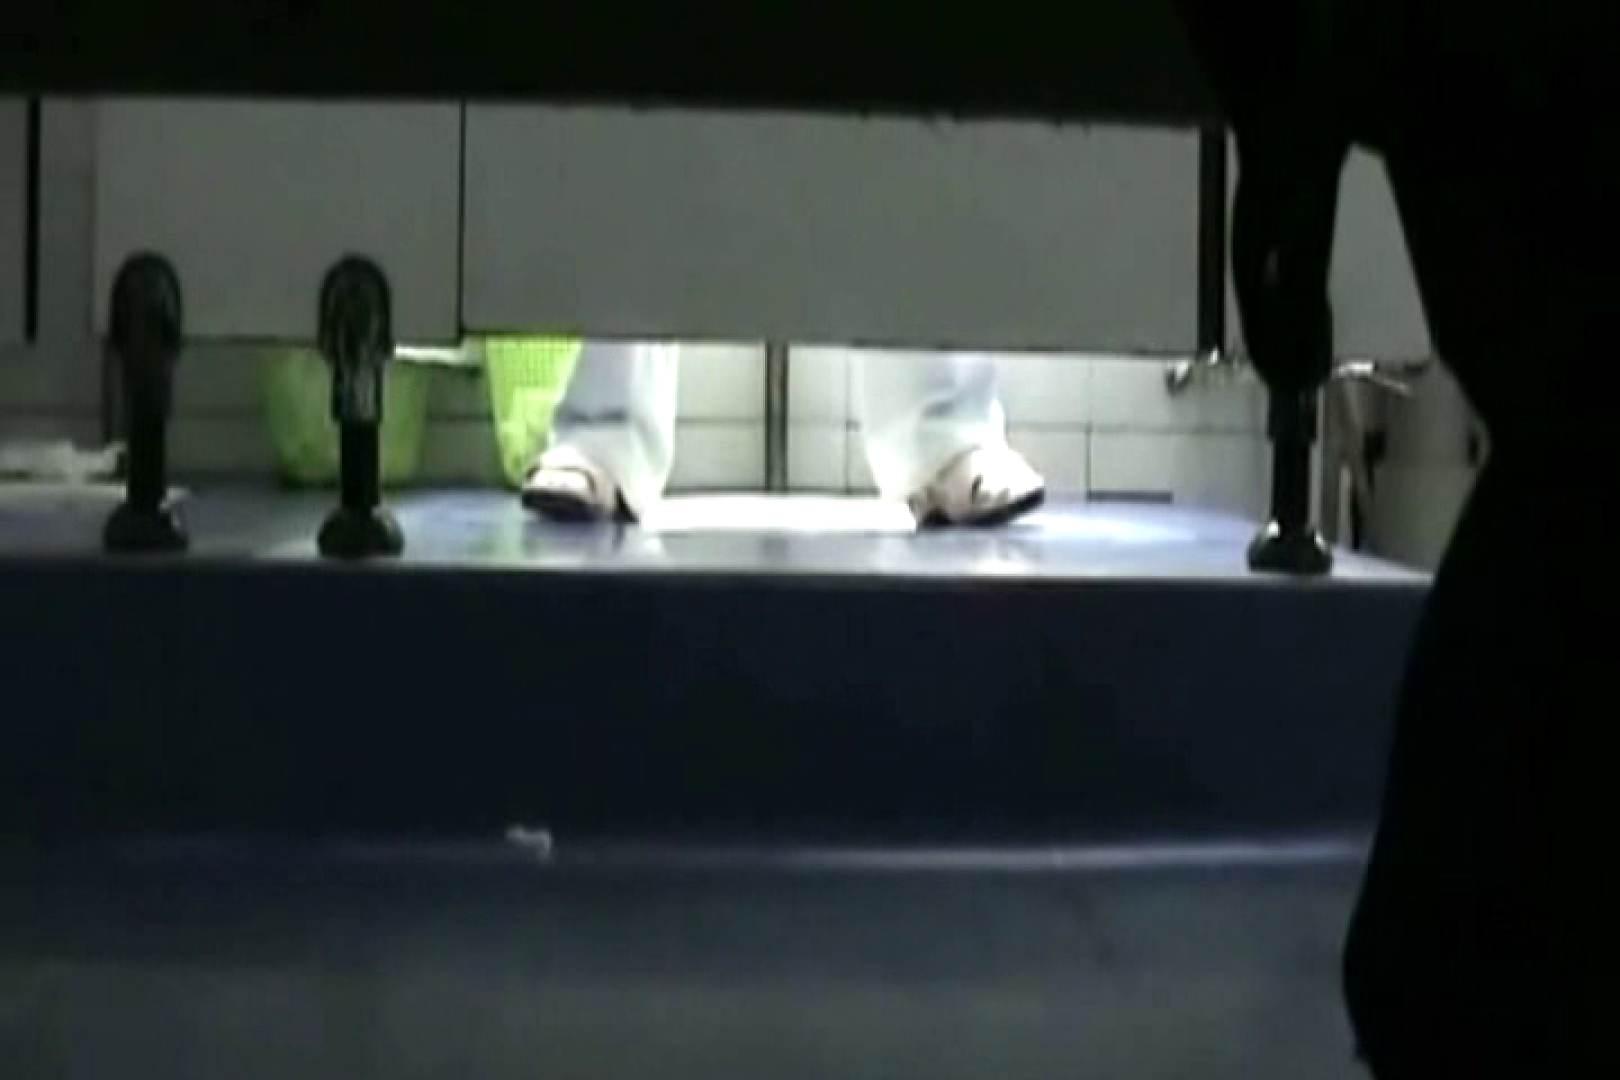 ぼっとん洗面所スペシャルVol.11 おまんこ無修正 | OLの実態  100pic 49